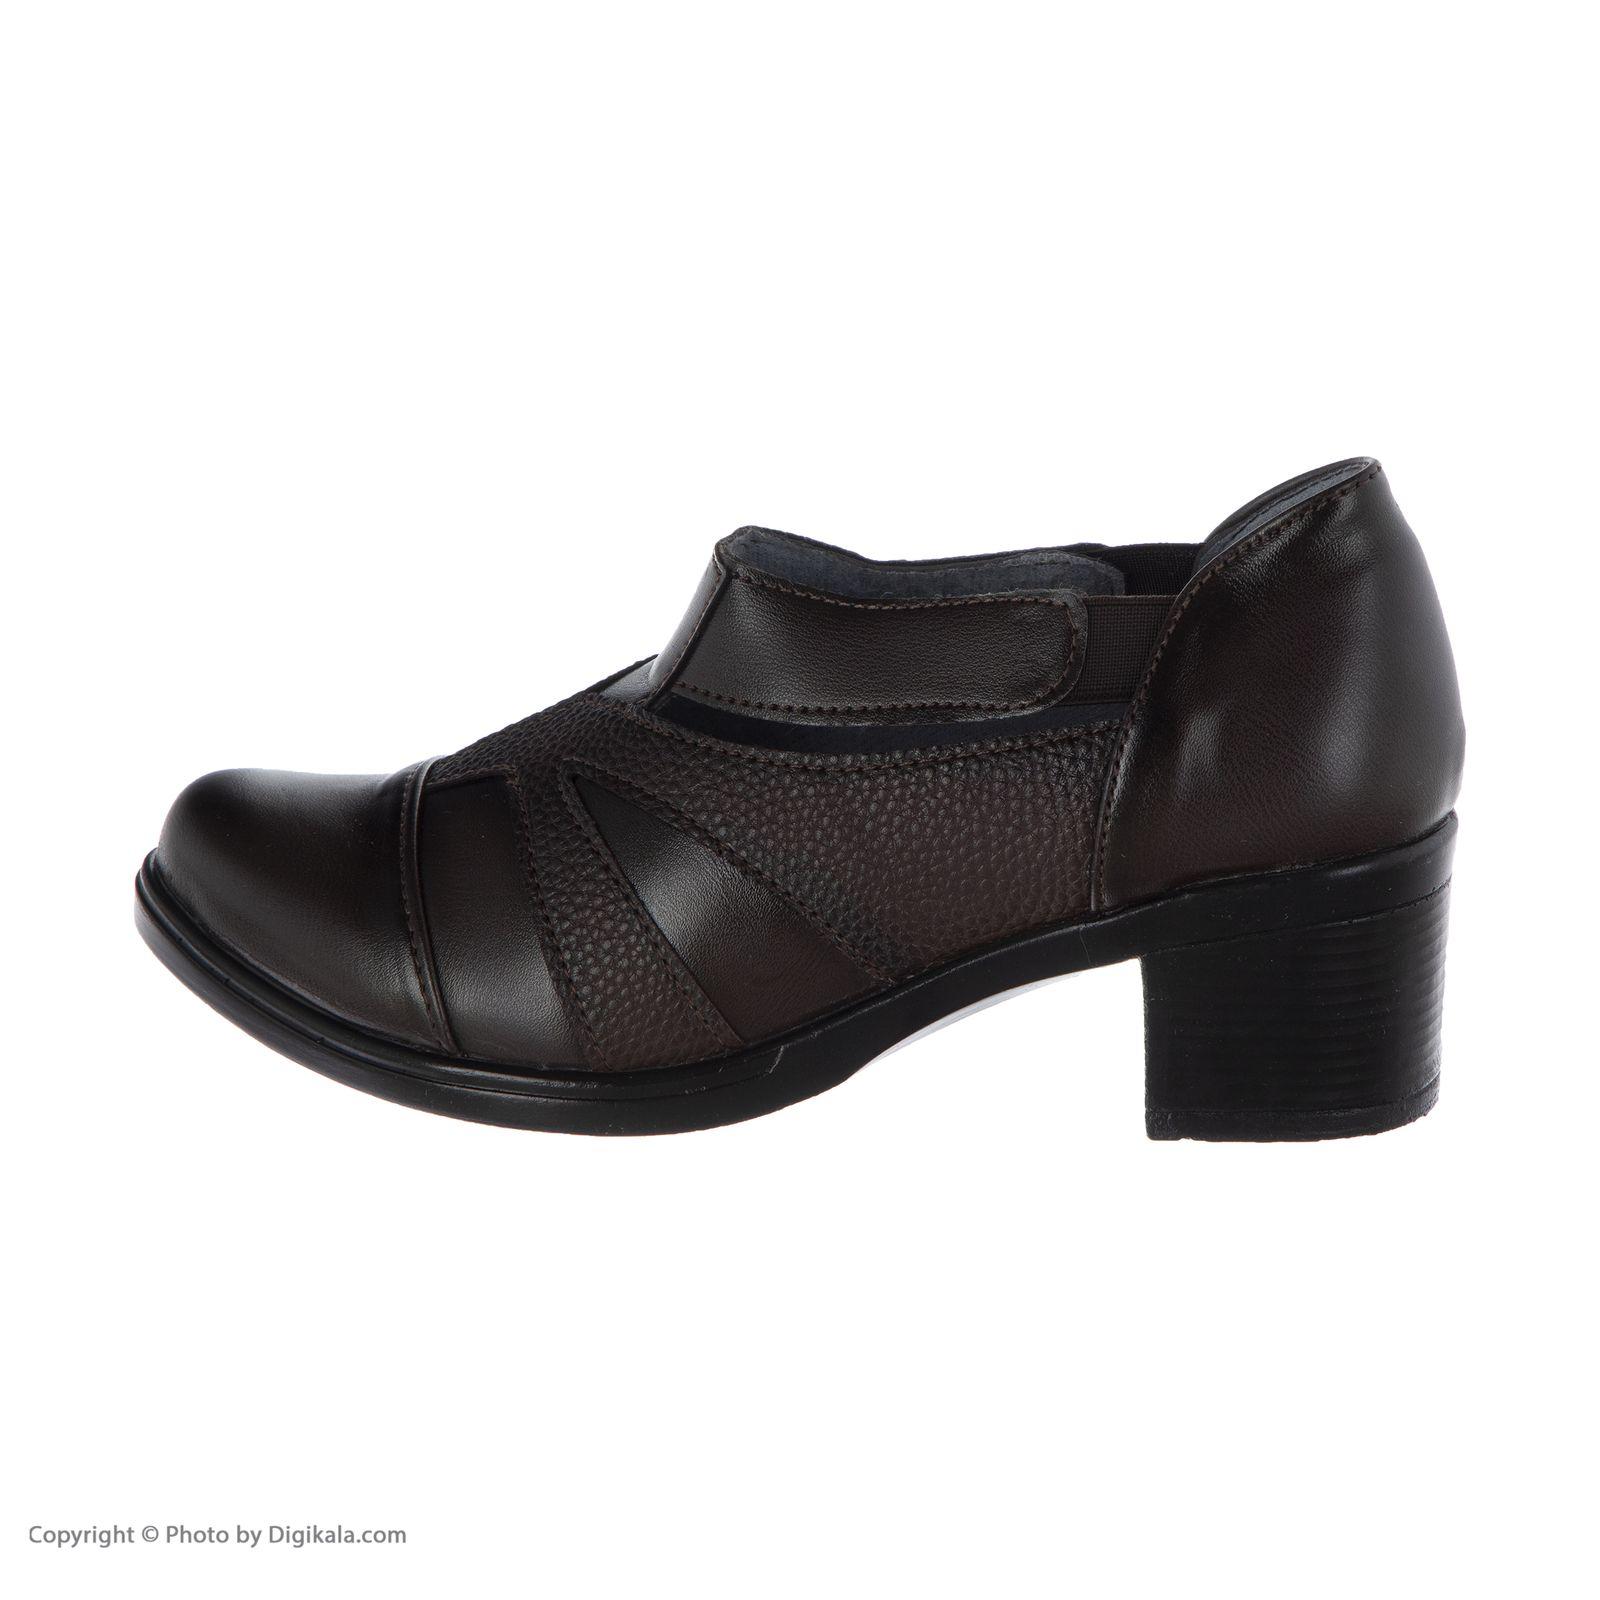 کفش زنانه طبی سینا مدل رها  کد 2 رنگ قهوه ای main 1 2